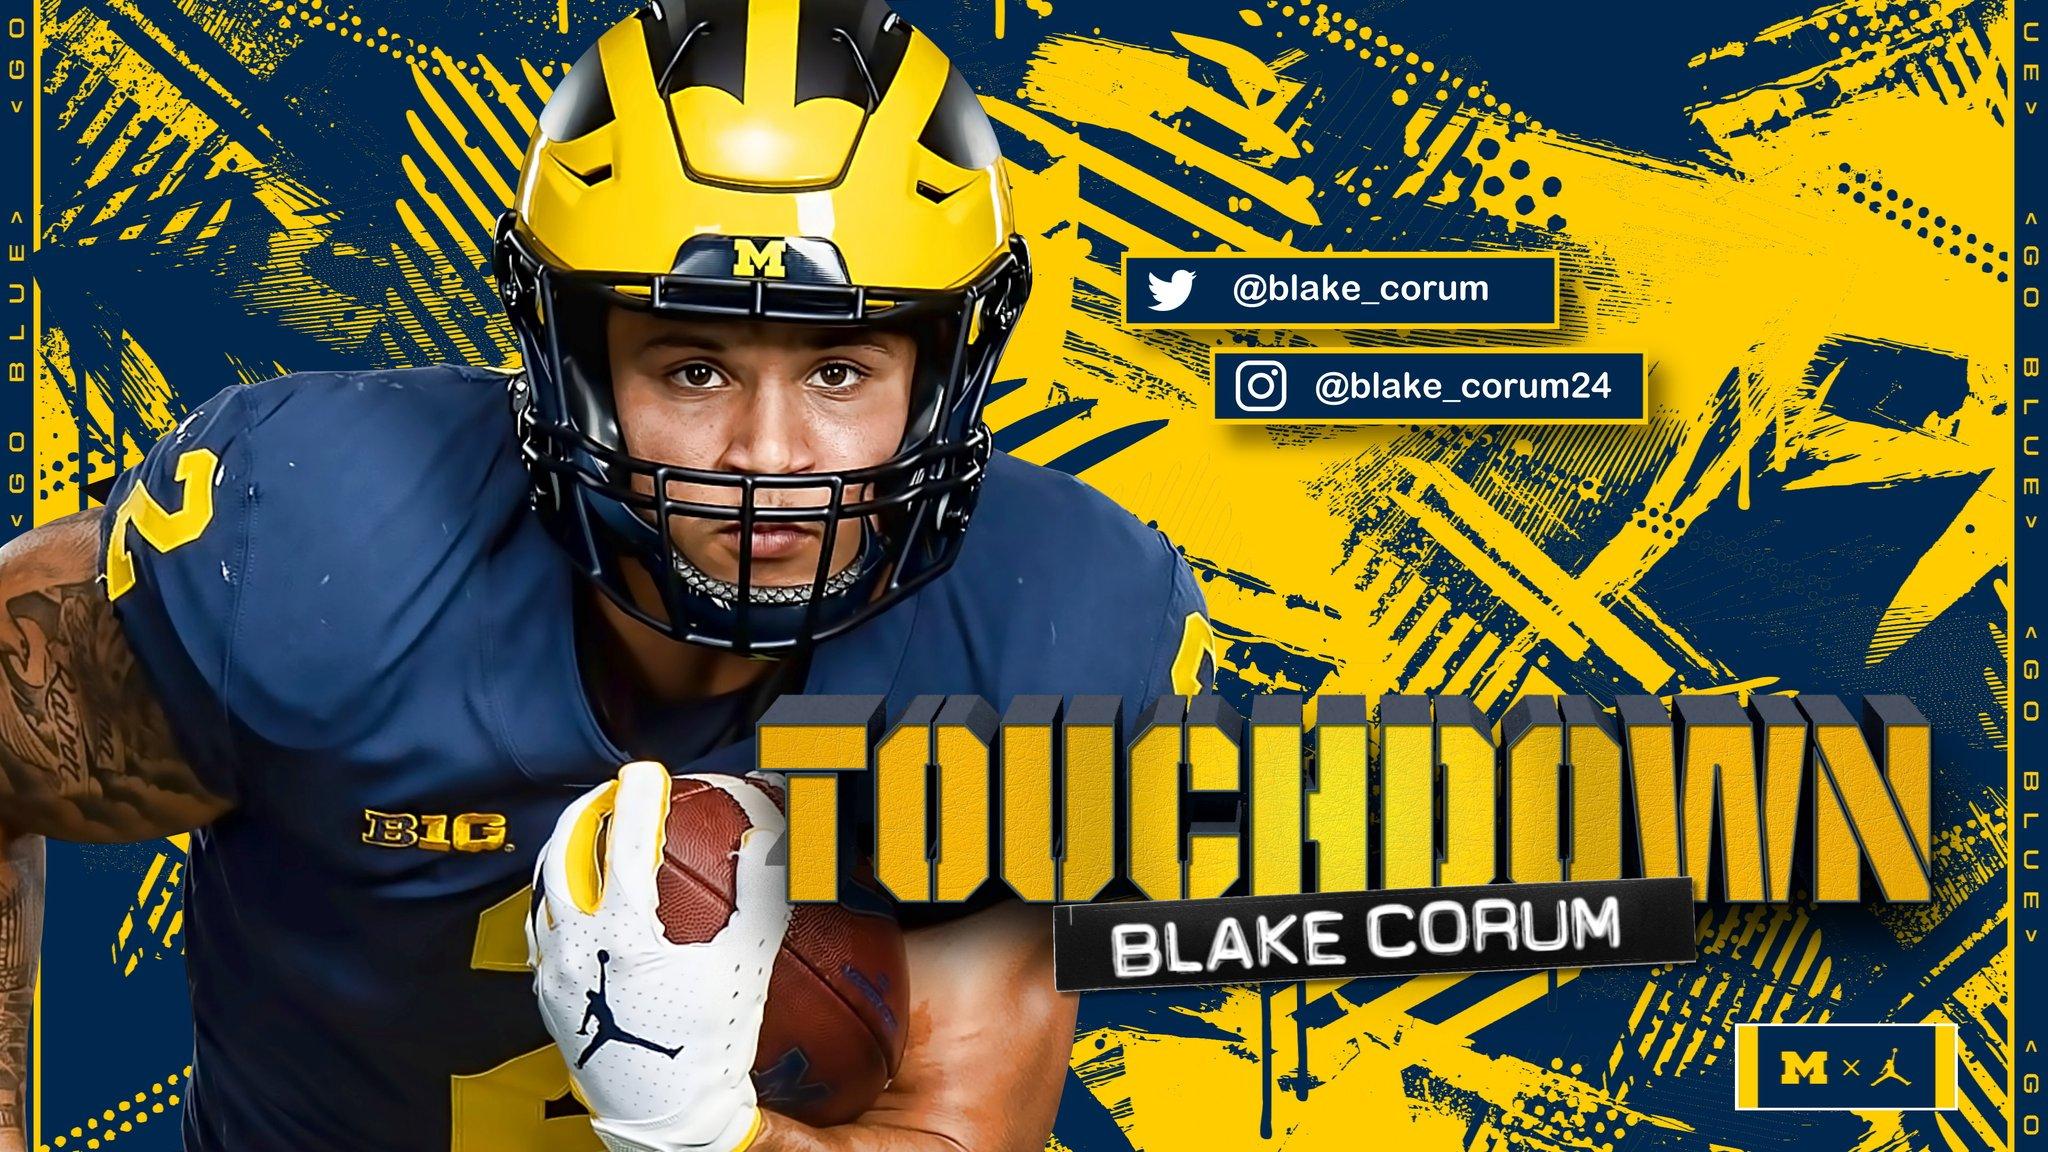 Blake Twitter